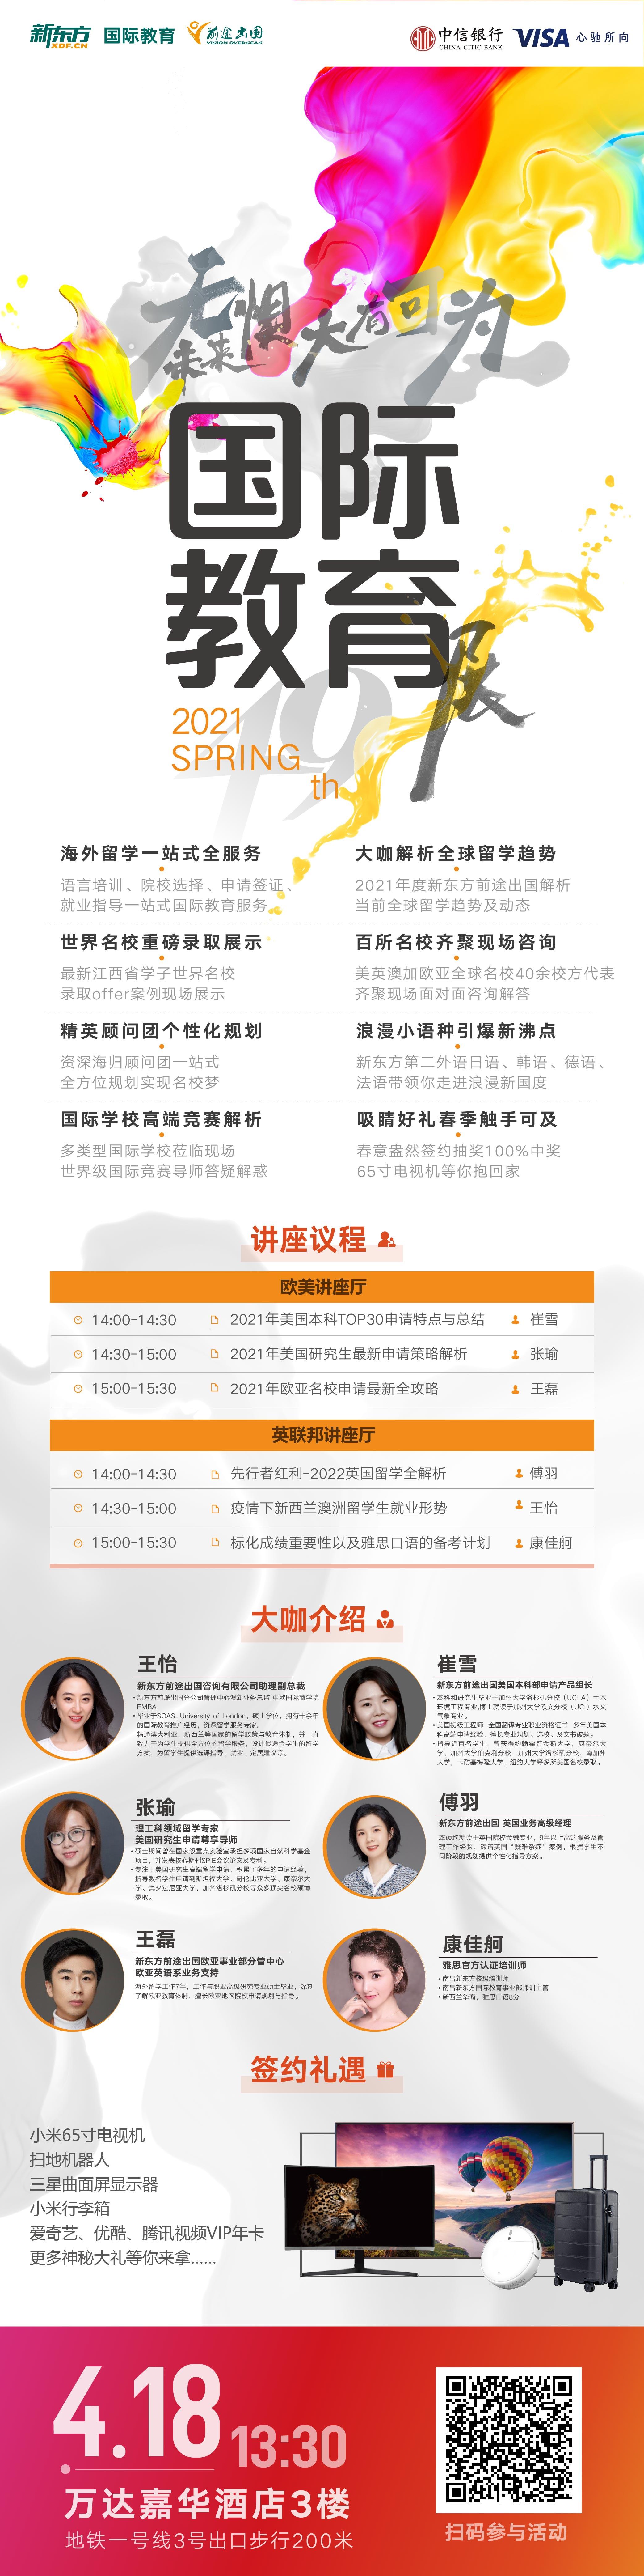 第49届新东方前途出国_国际教育展